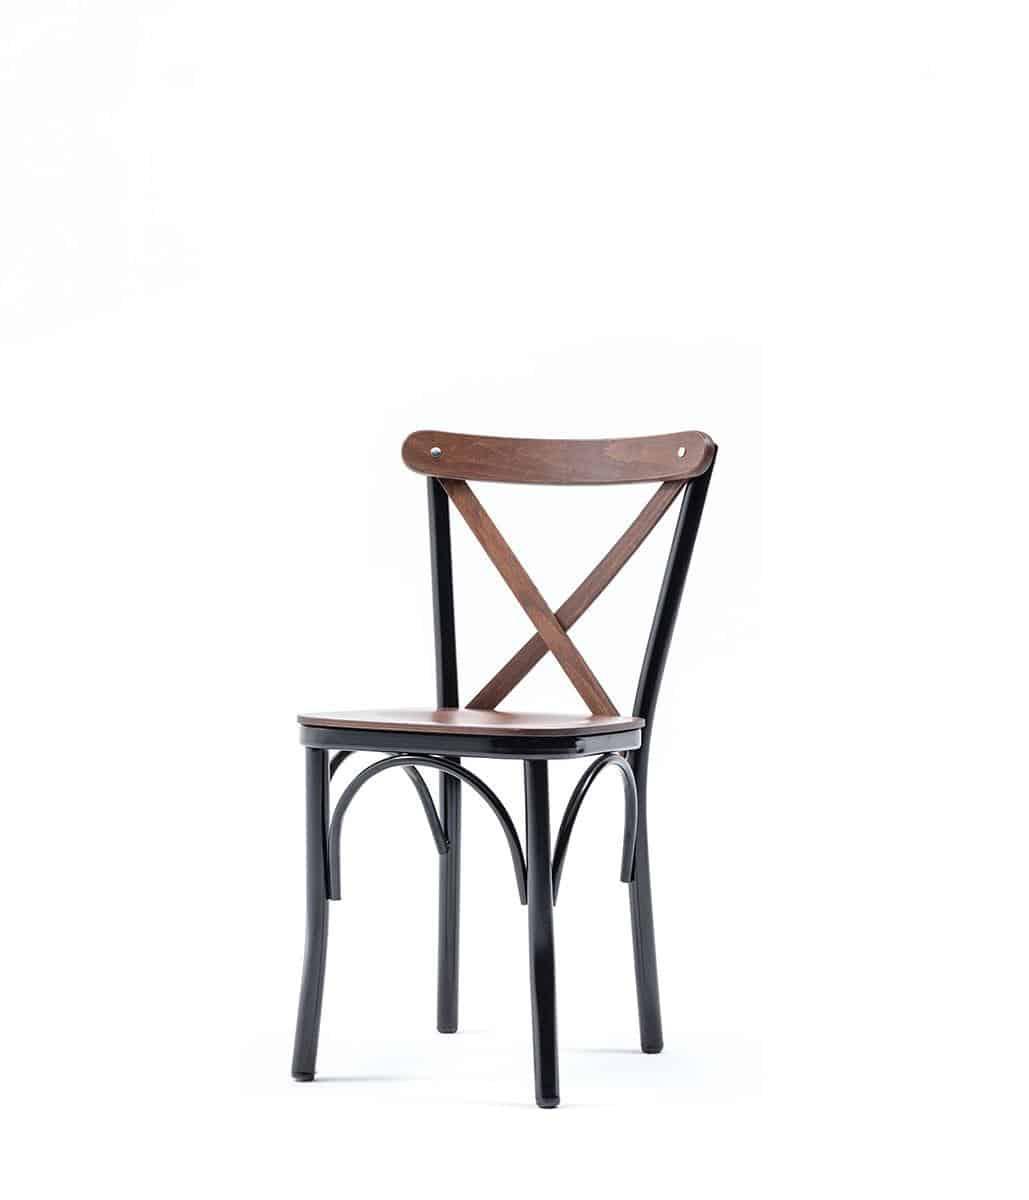 urun-tonet-sandalye-01